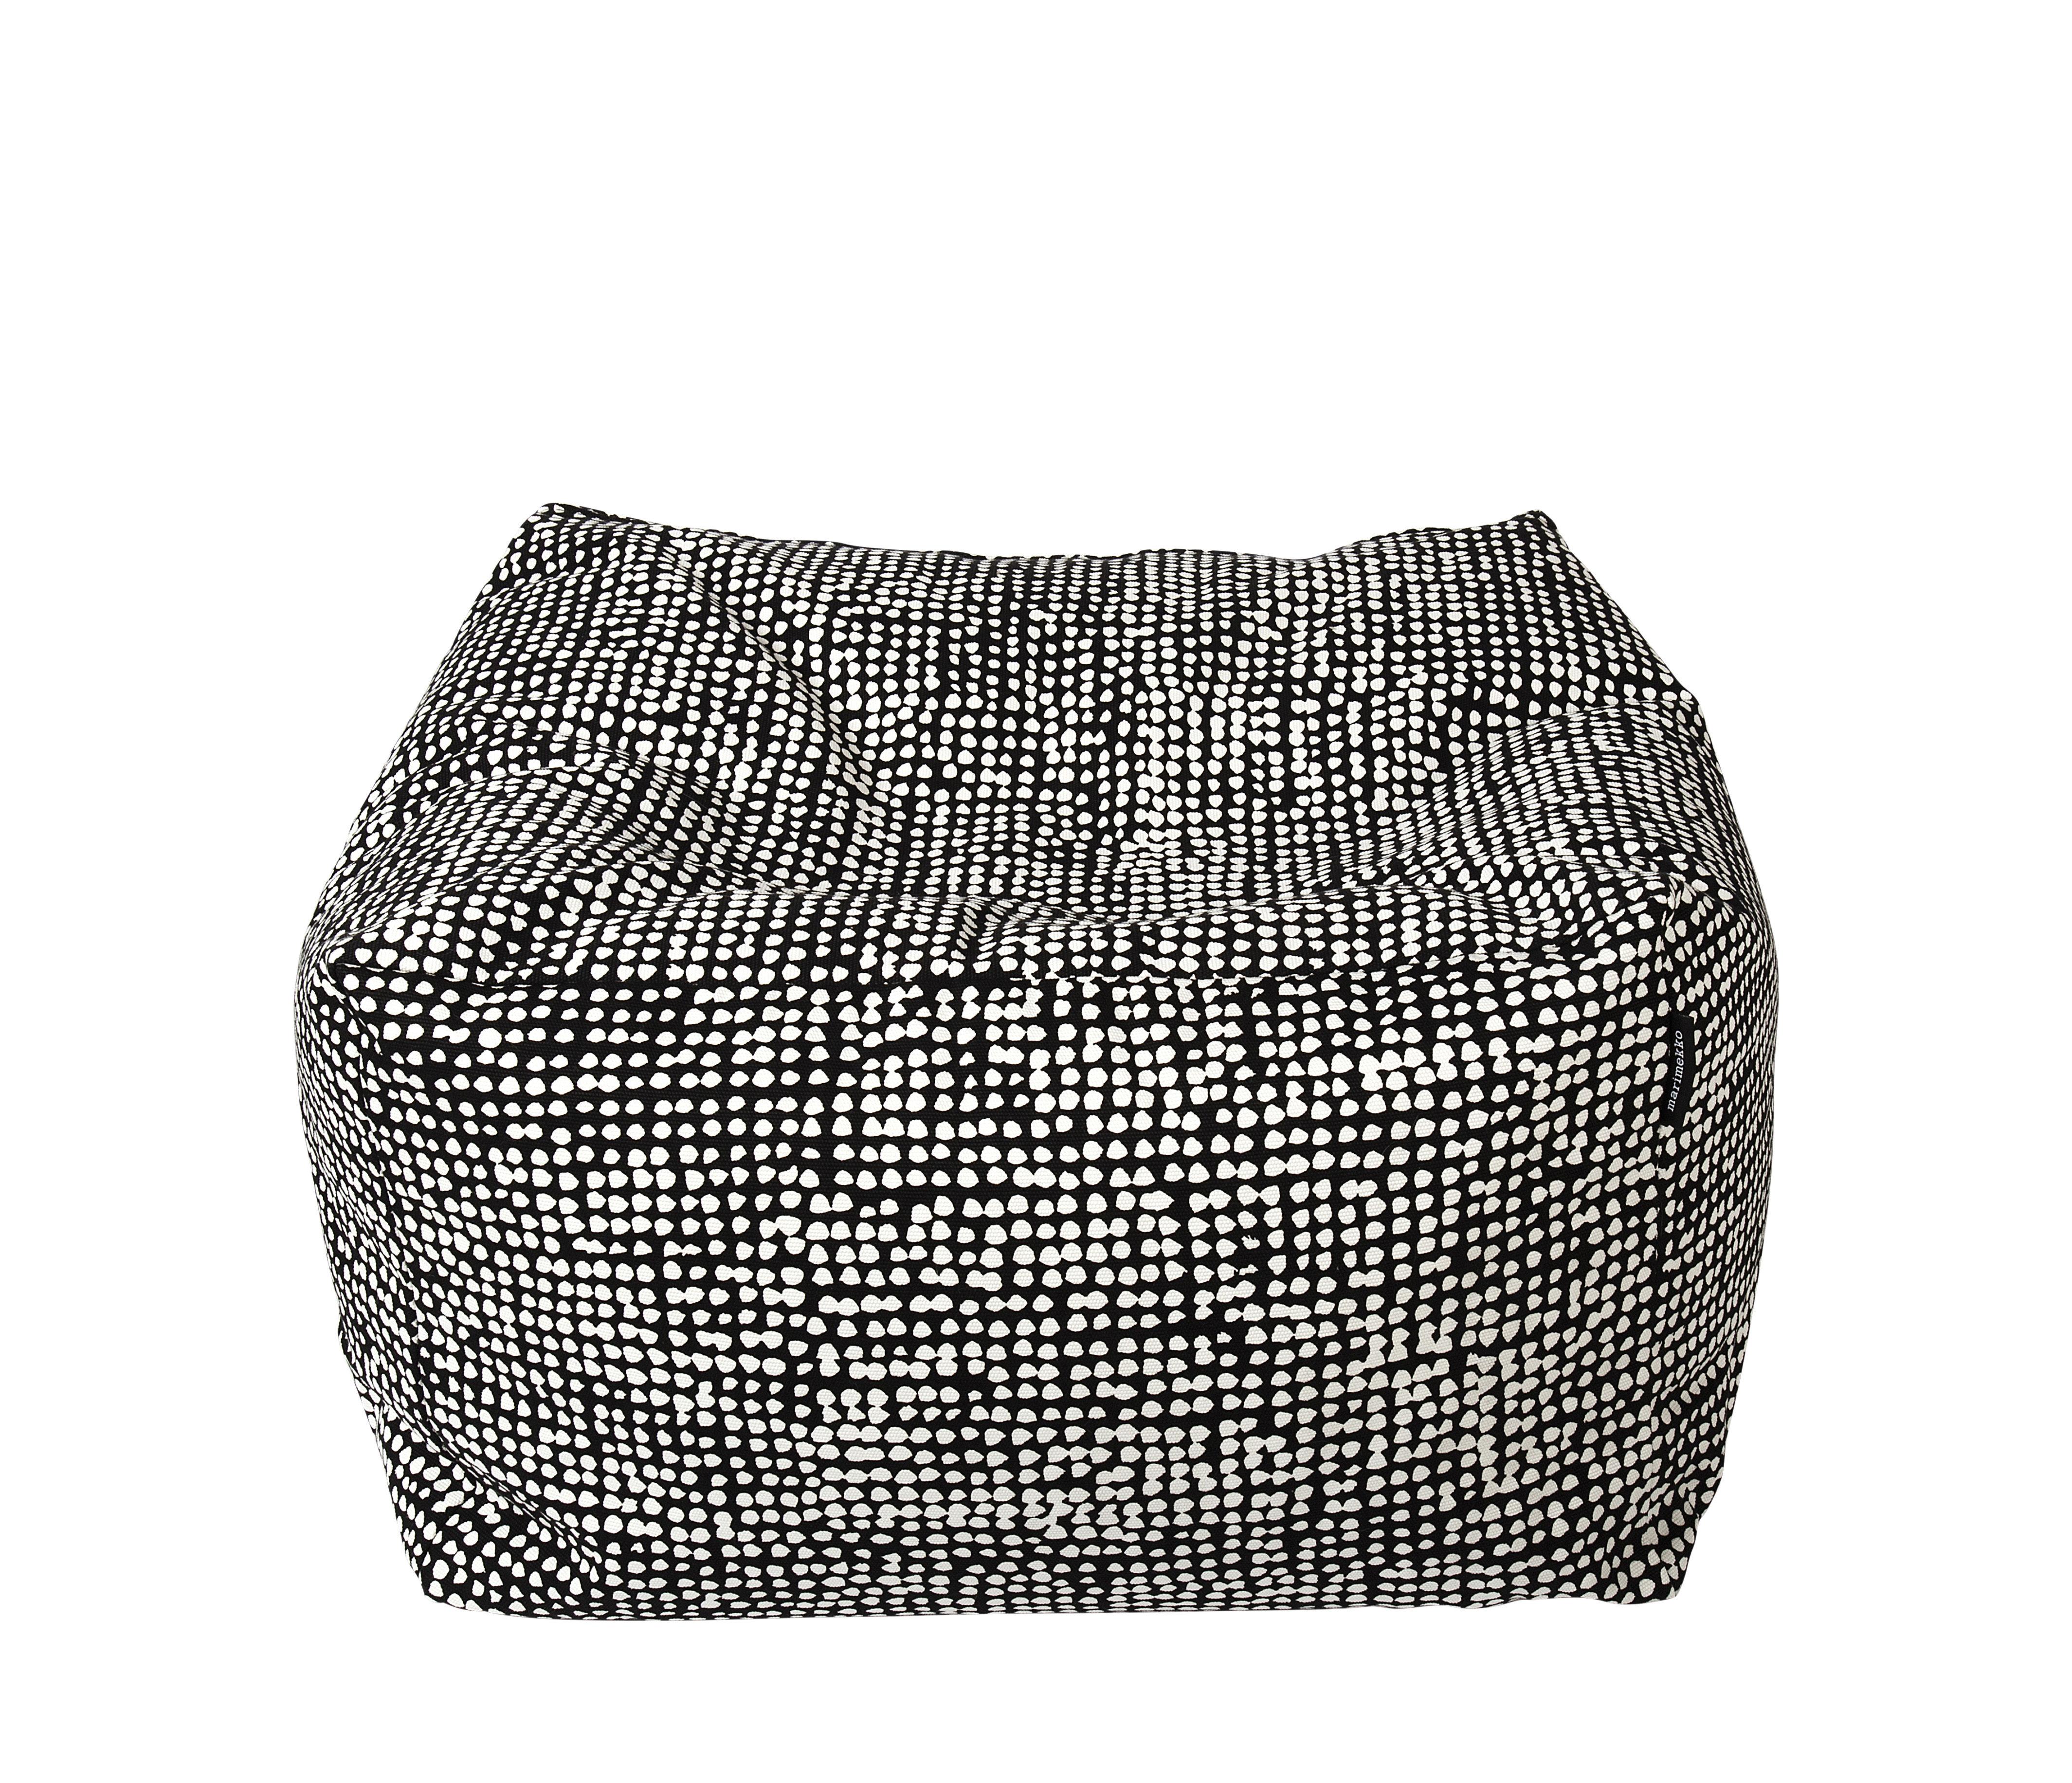 Mobilier - Poufs - Pouf Orkanen / 55 x 55 cm - Marimekko - Orkanen / Noir & blanc - Billes de polystyrène expansé, Coton épais